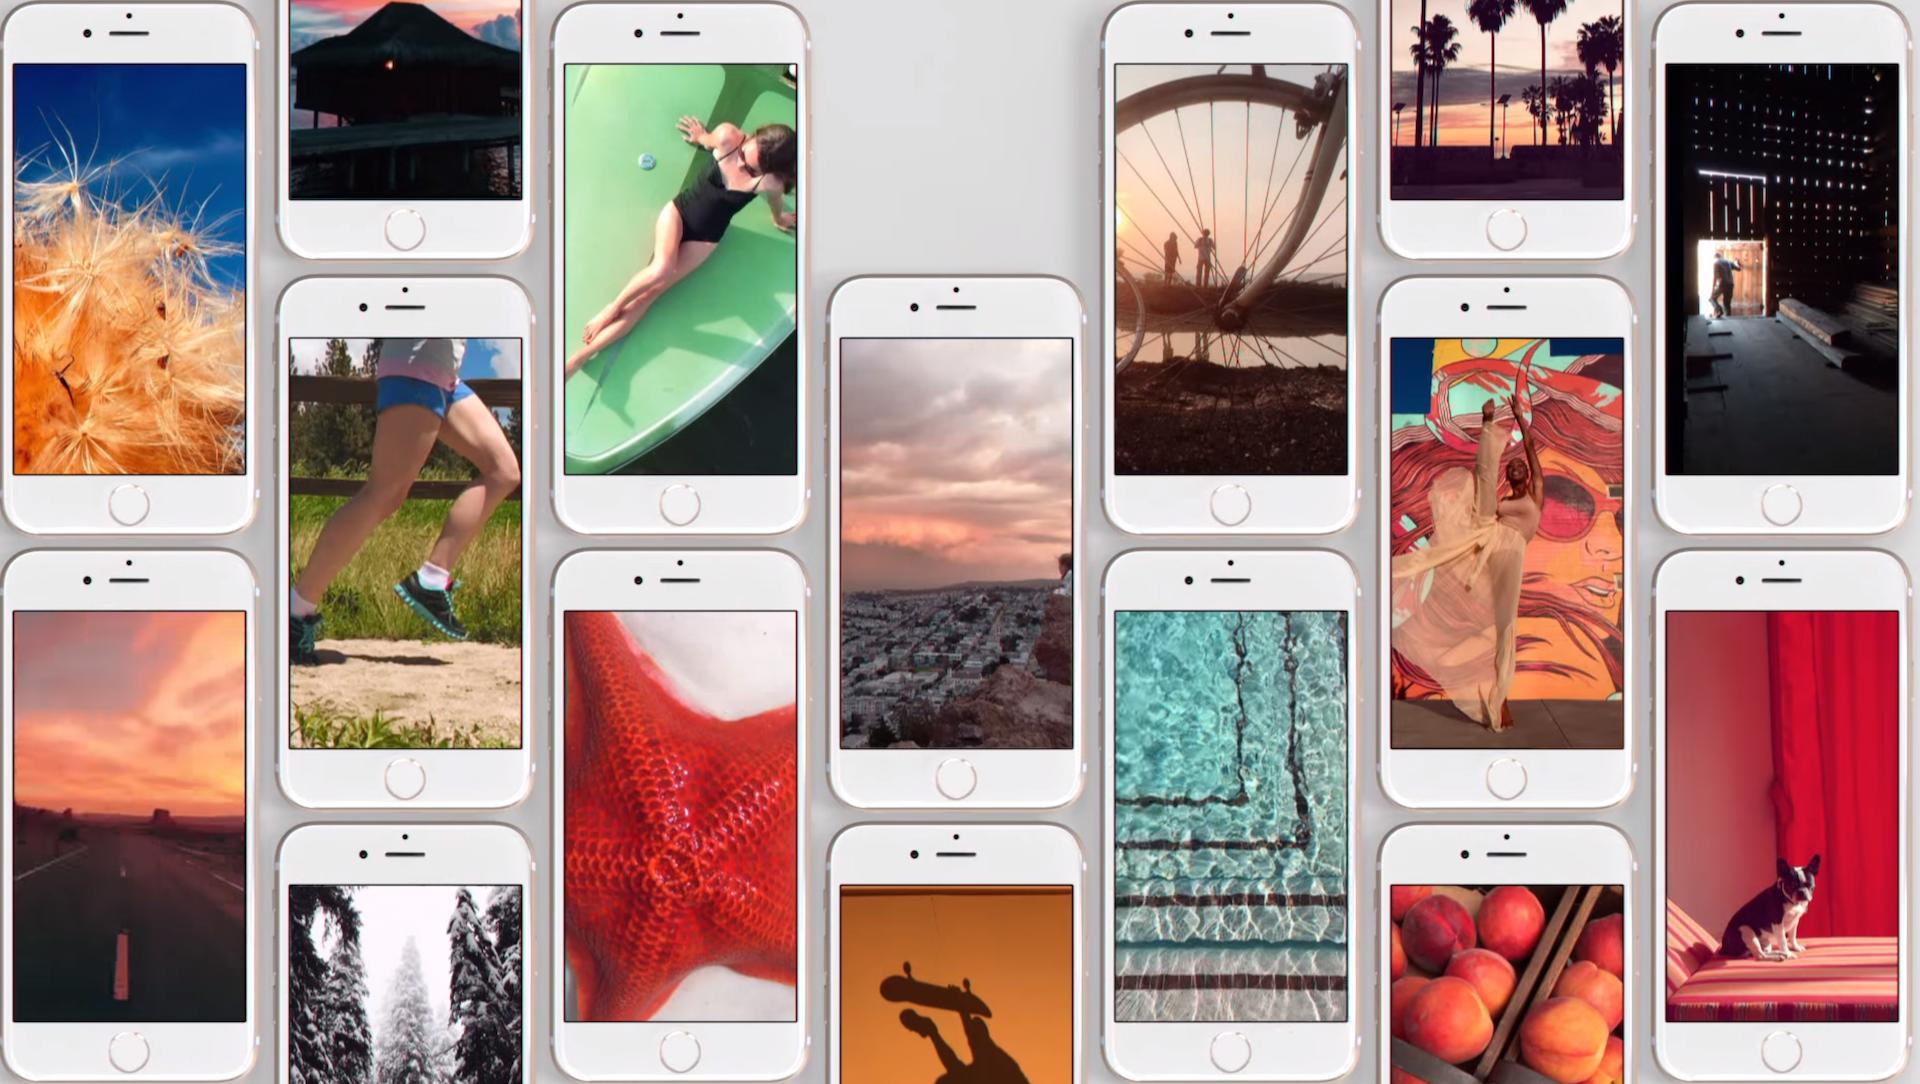 3 нововведения iOS 9, которые решат проблему нехватки места в новых iPhone